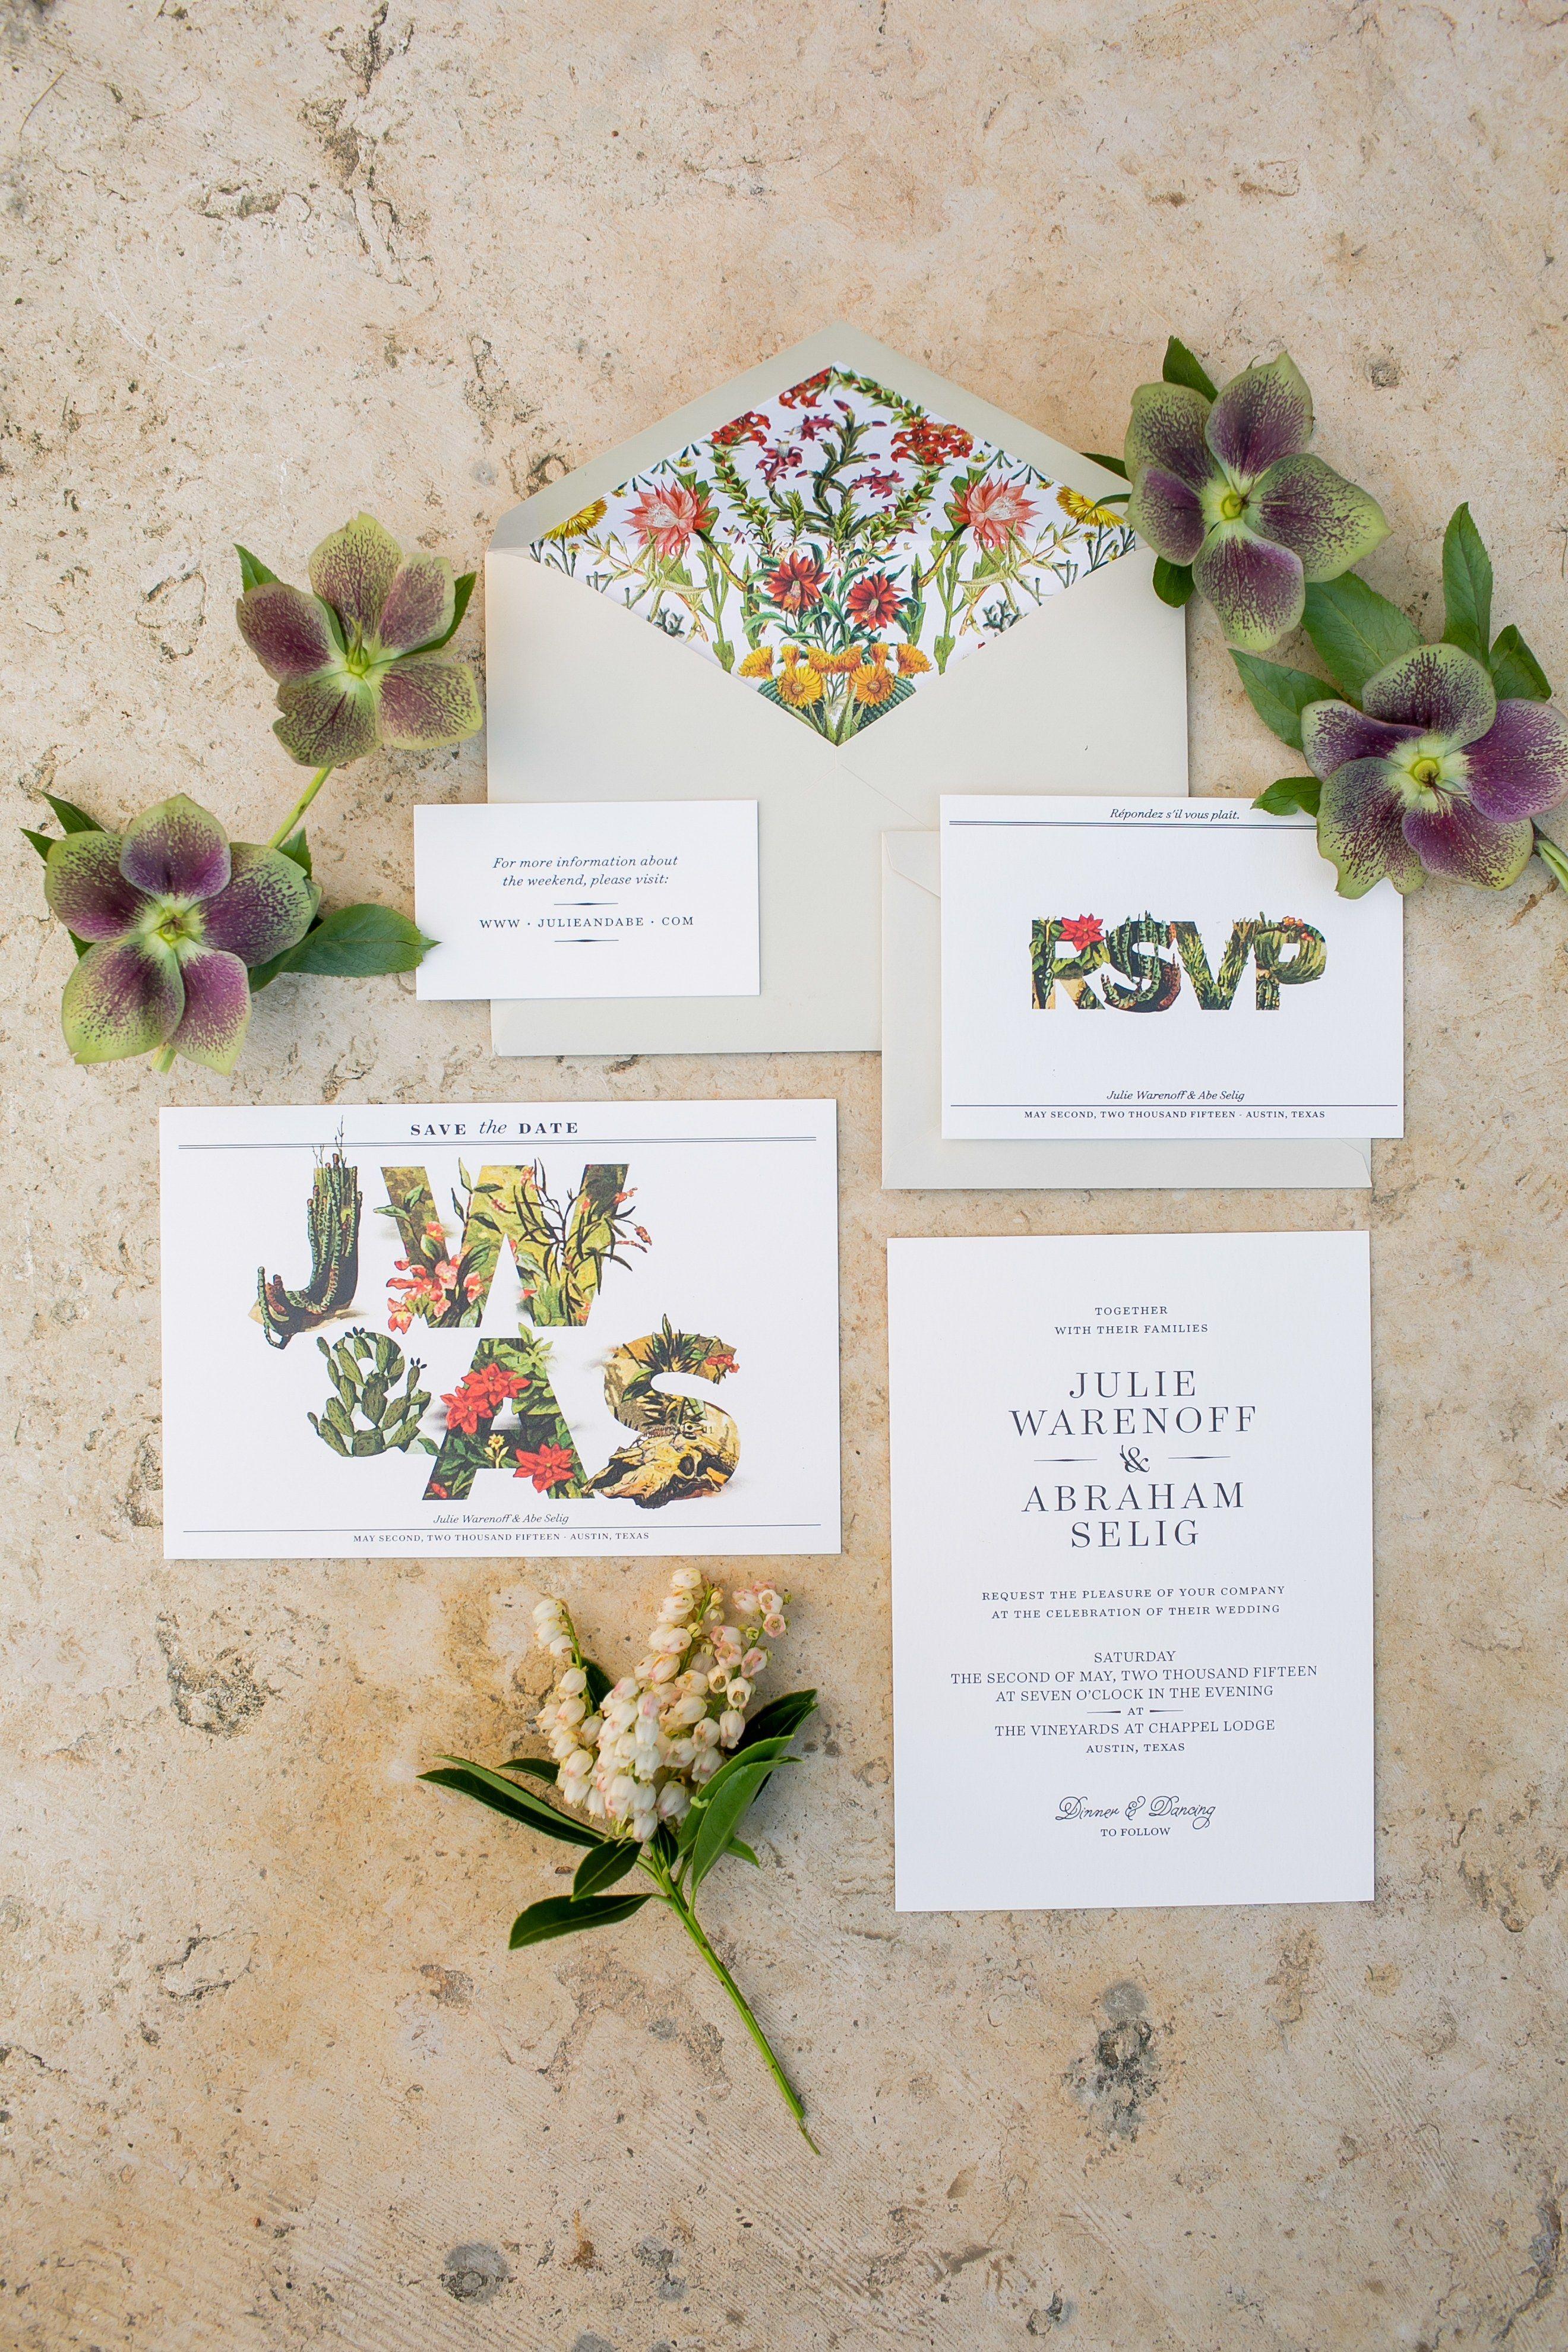 Cactus Wedding Decor is the New Pineapple Trend | retro | Pinterest ...